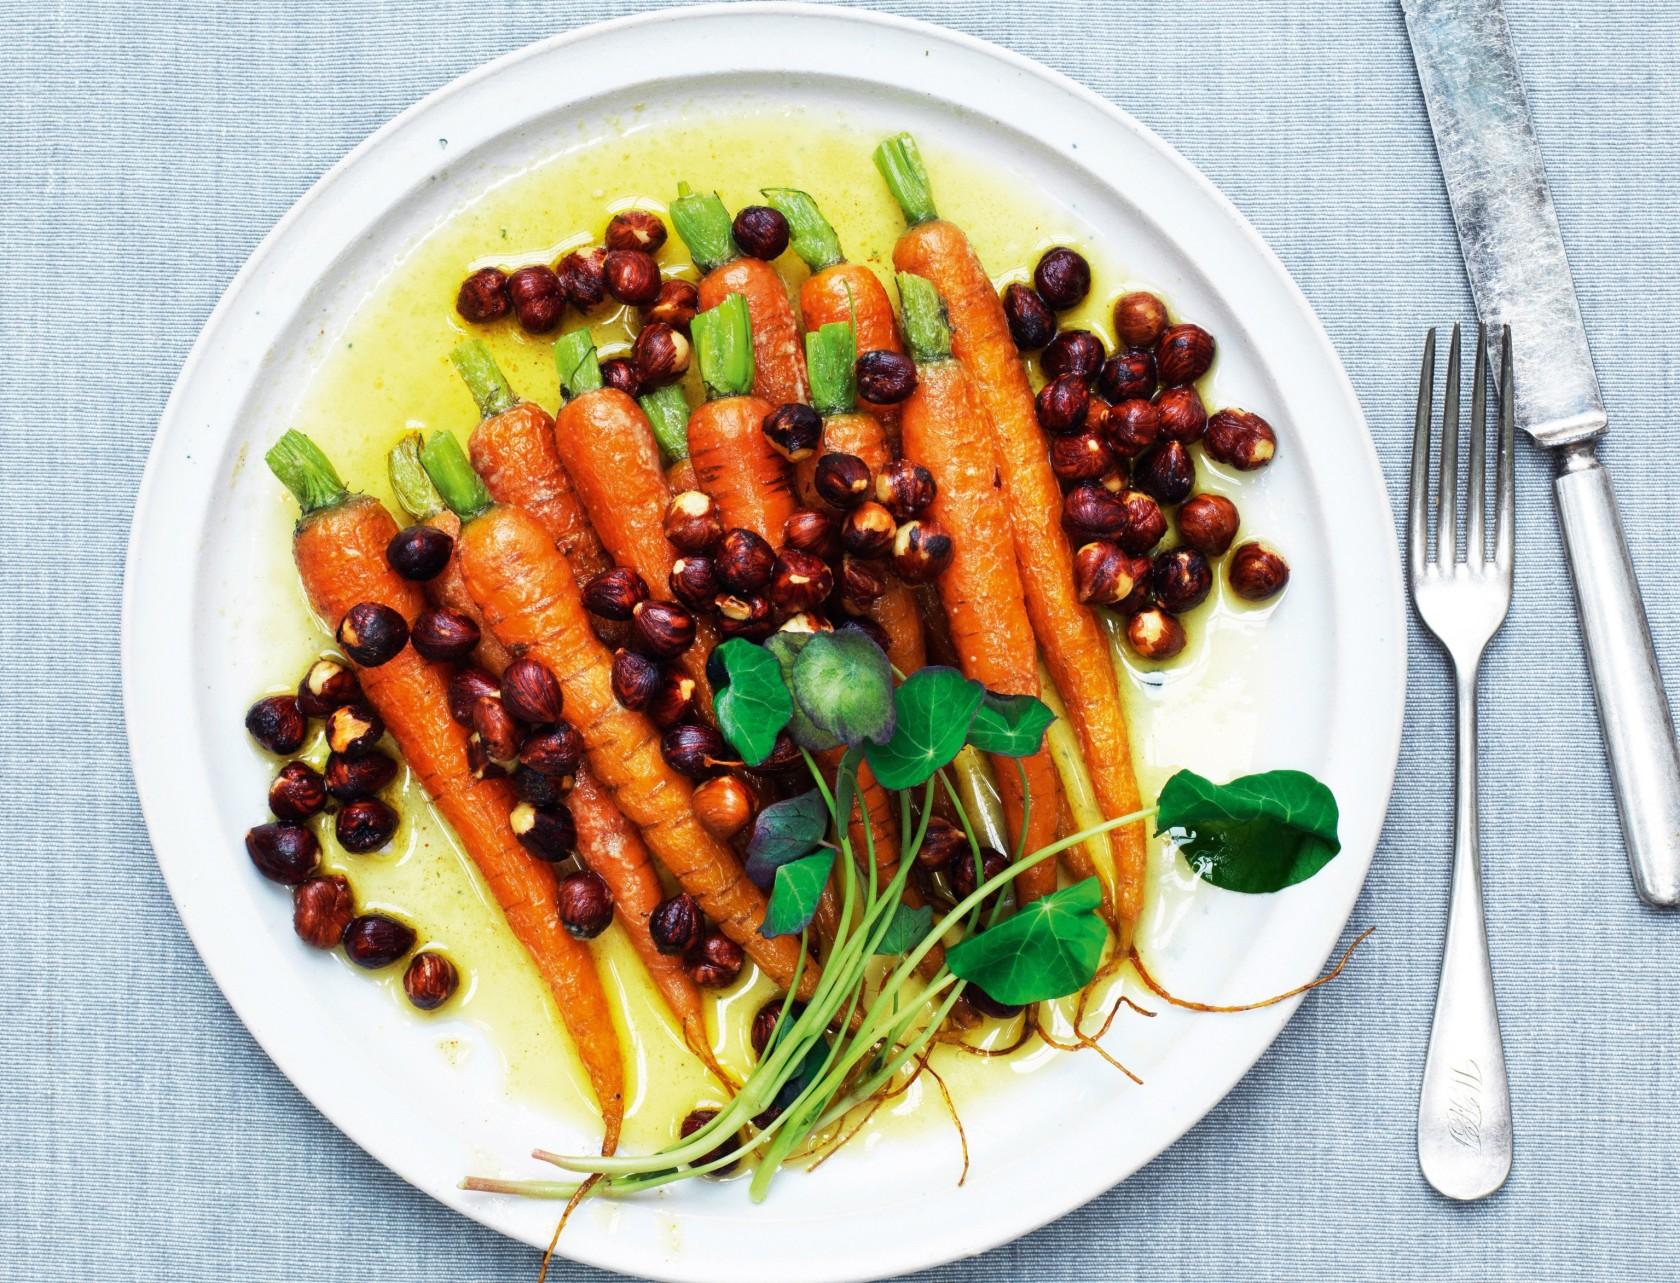 Stegte gulerødder med hasselnødder smager skønt!